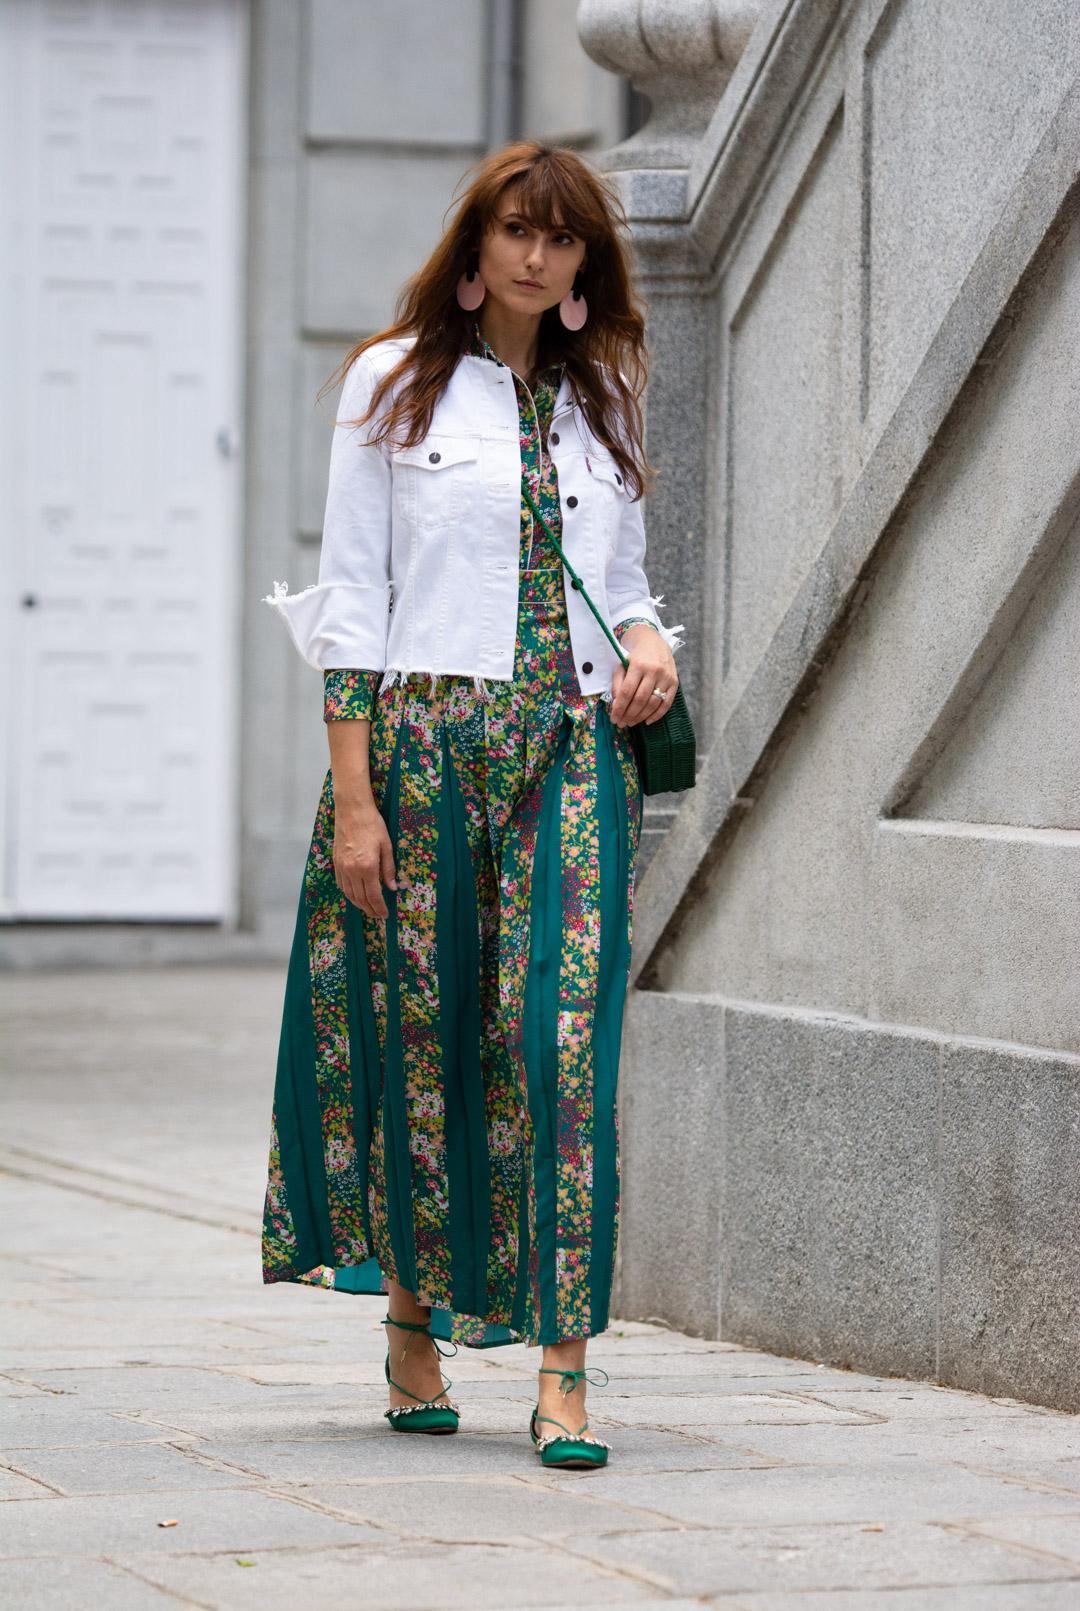 vestido-verde-street-style-mayte-de-la-iglesia-web-04